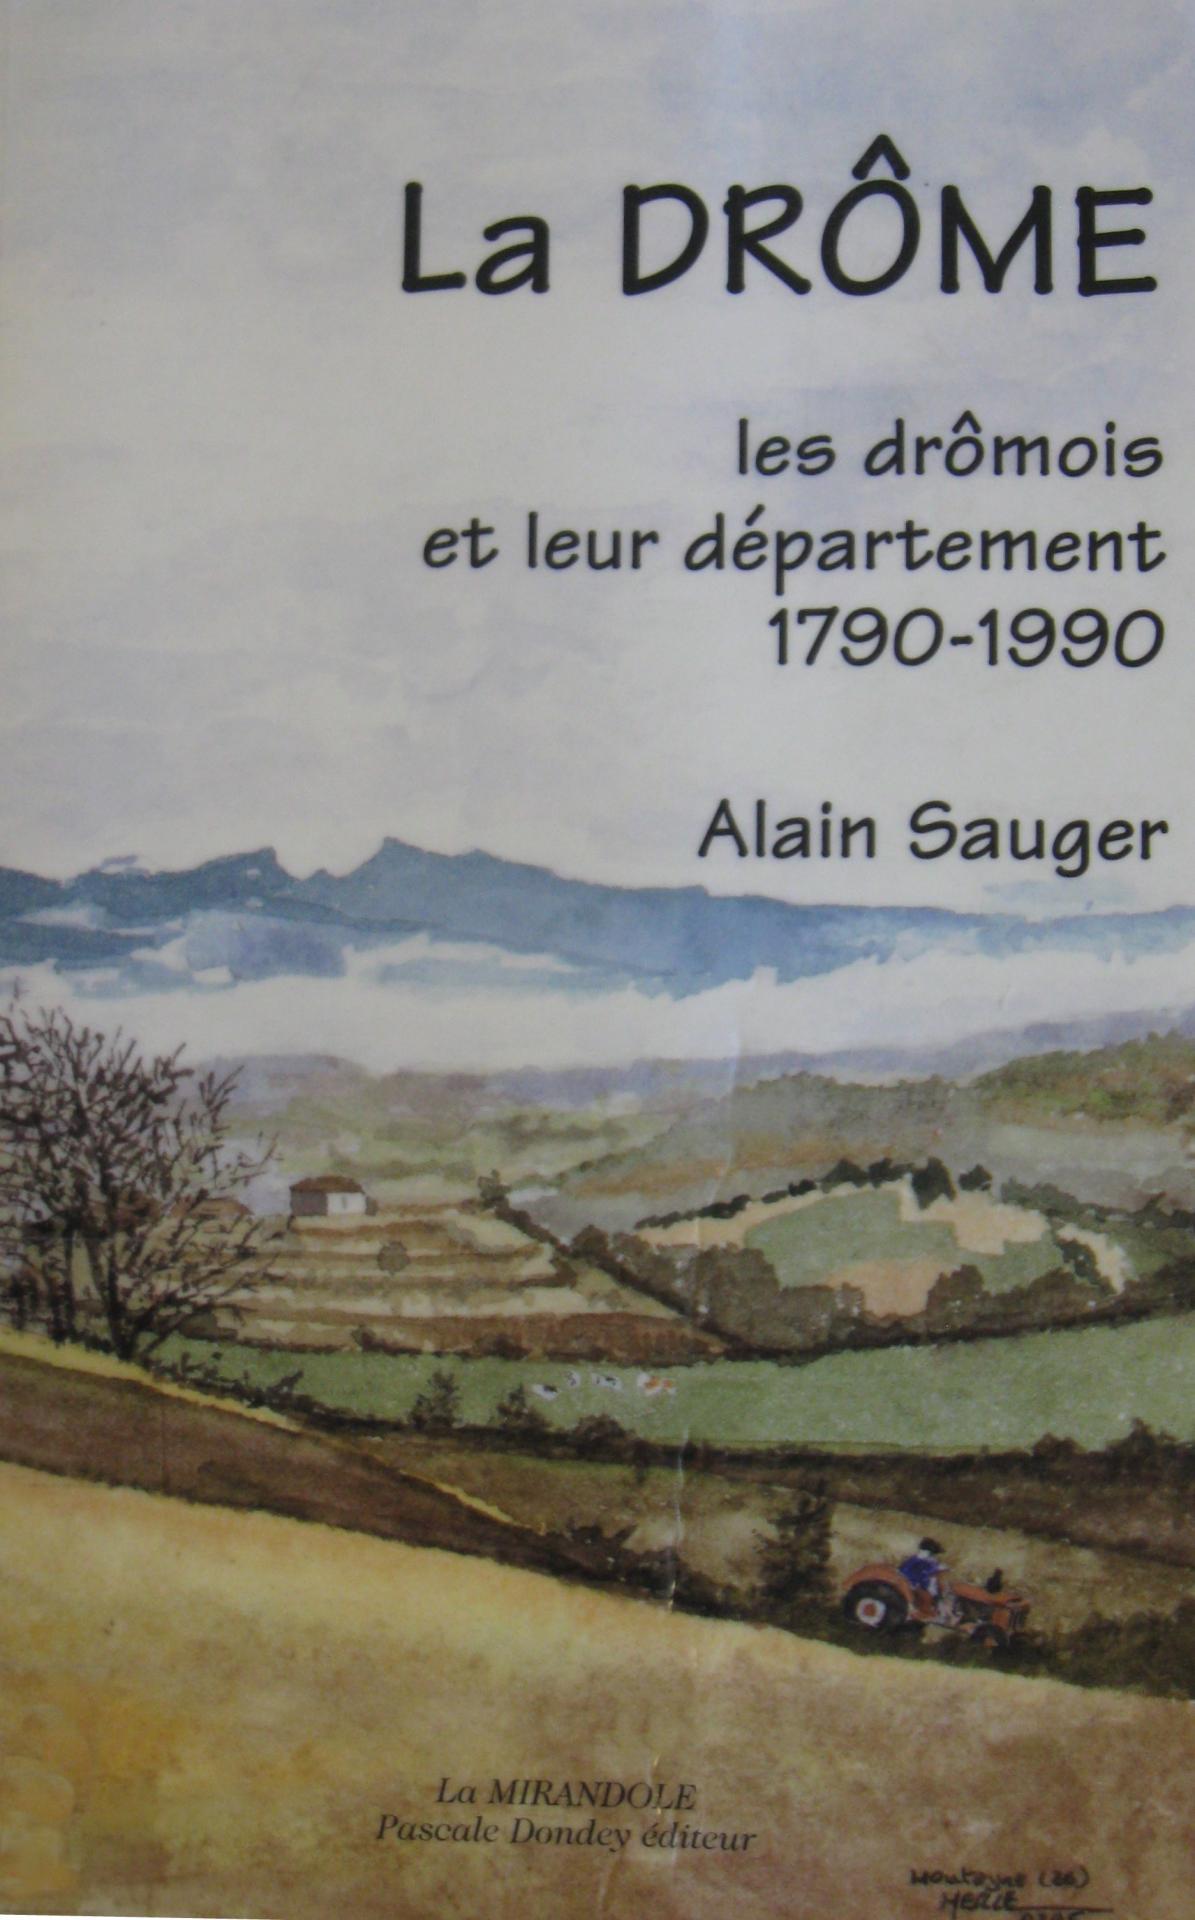 Alain SAUGER